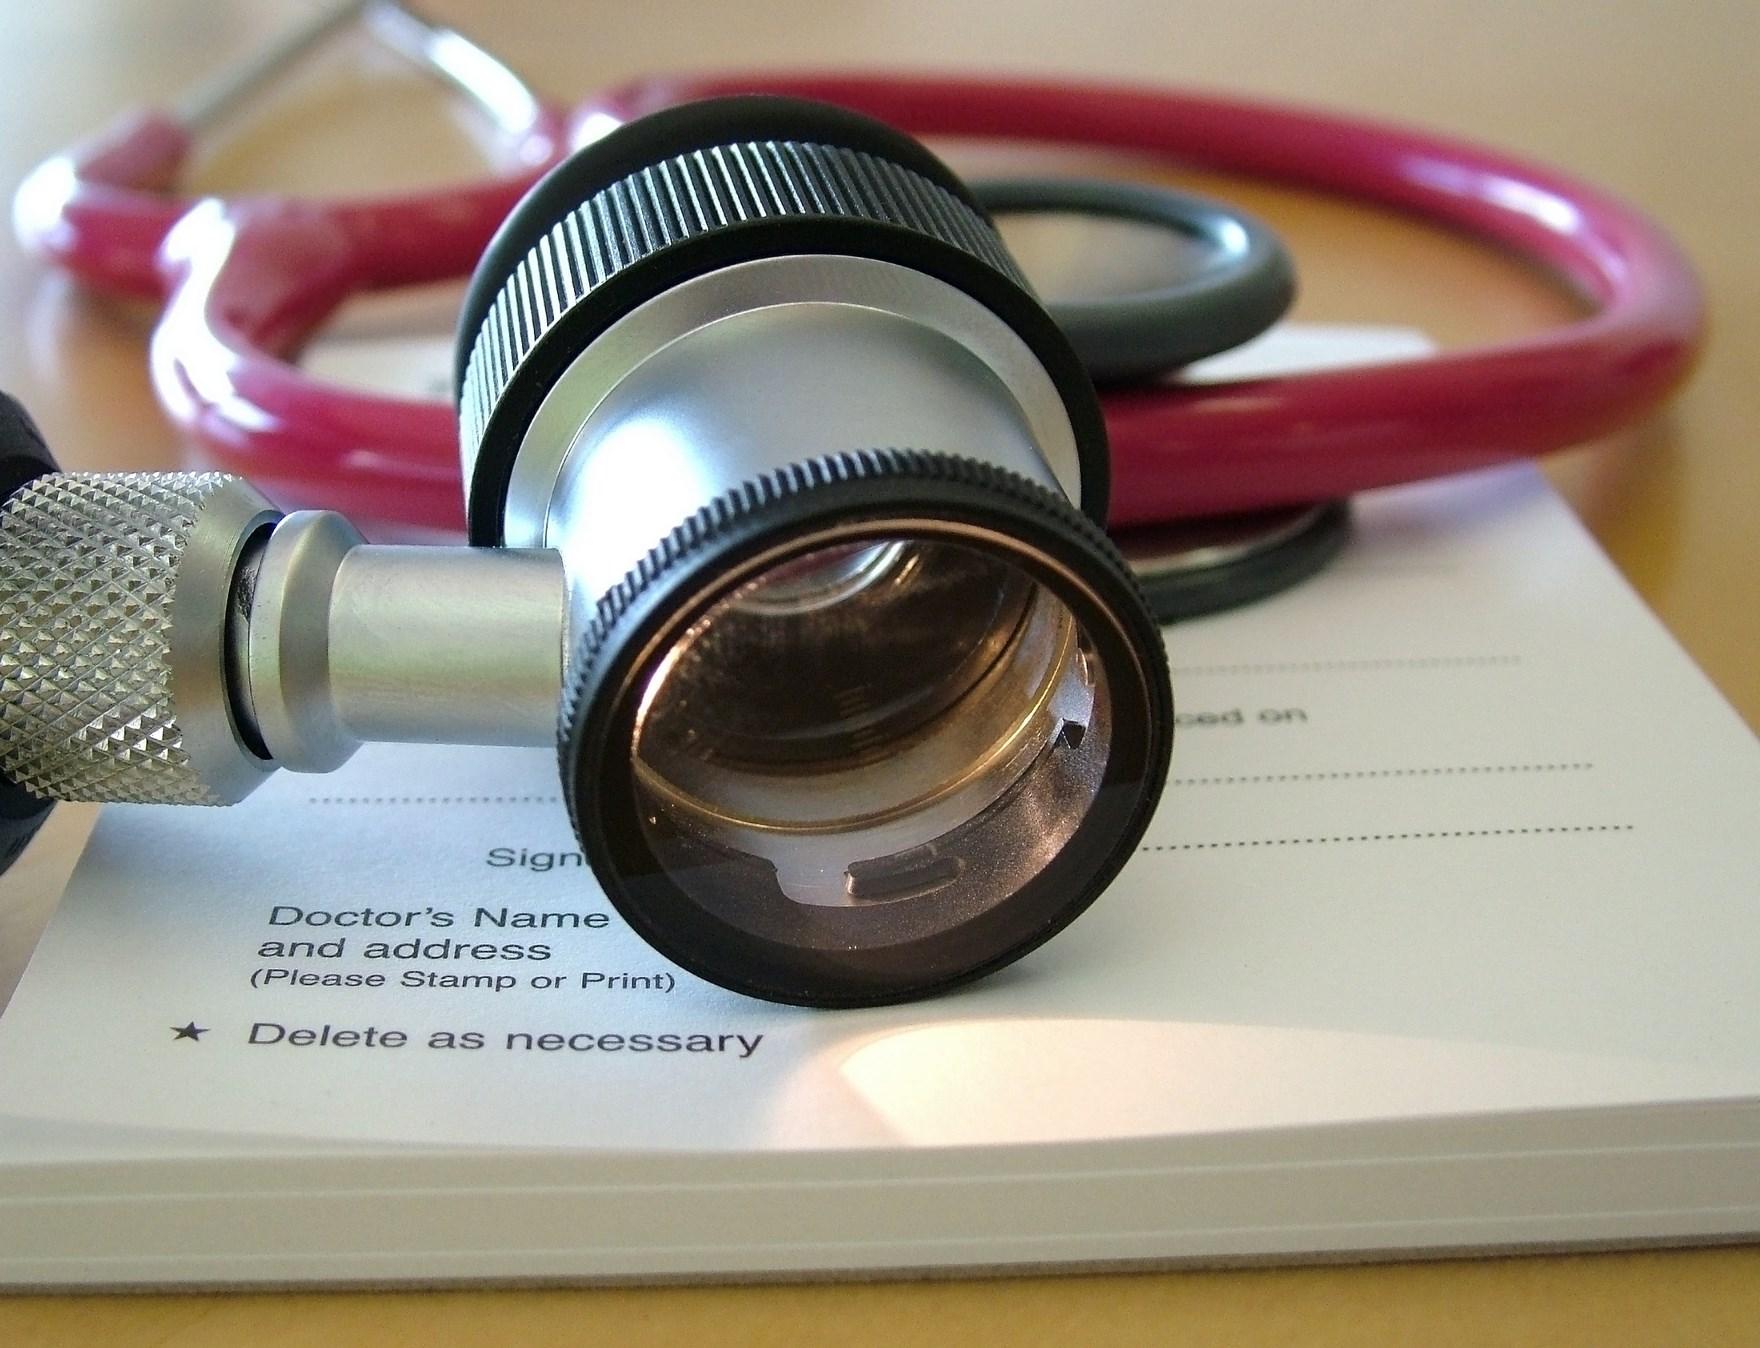 Haben Sie bereits Ihre allgemeine medizinische Akte (AMA)?